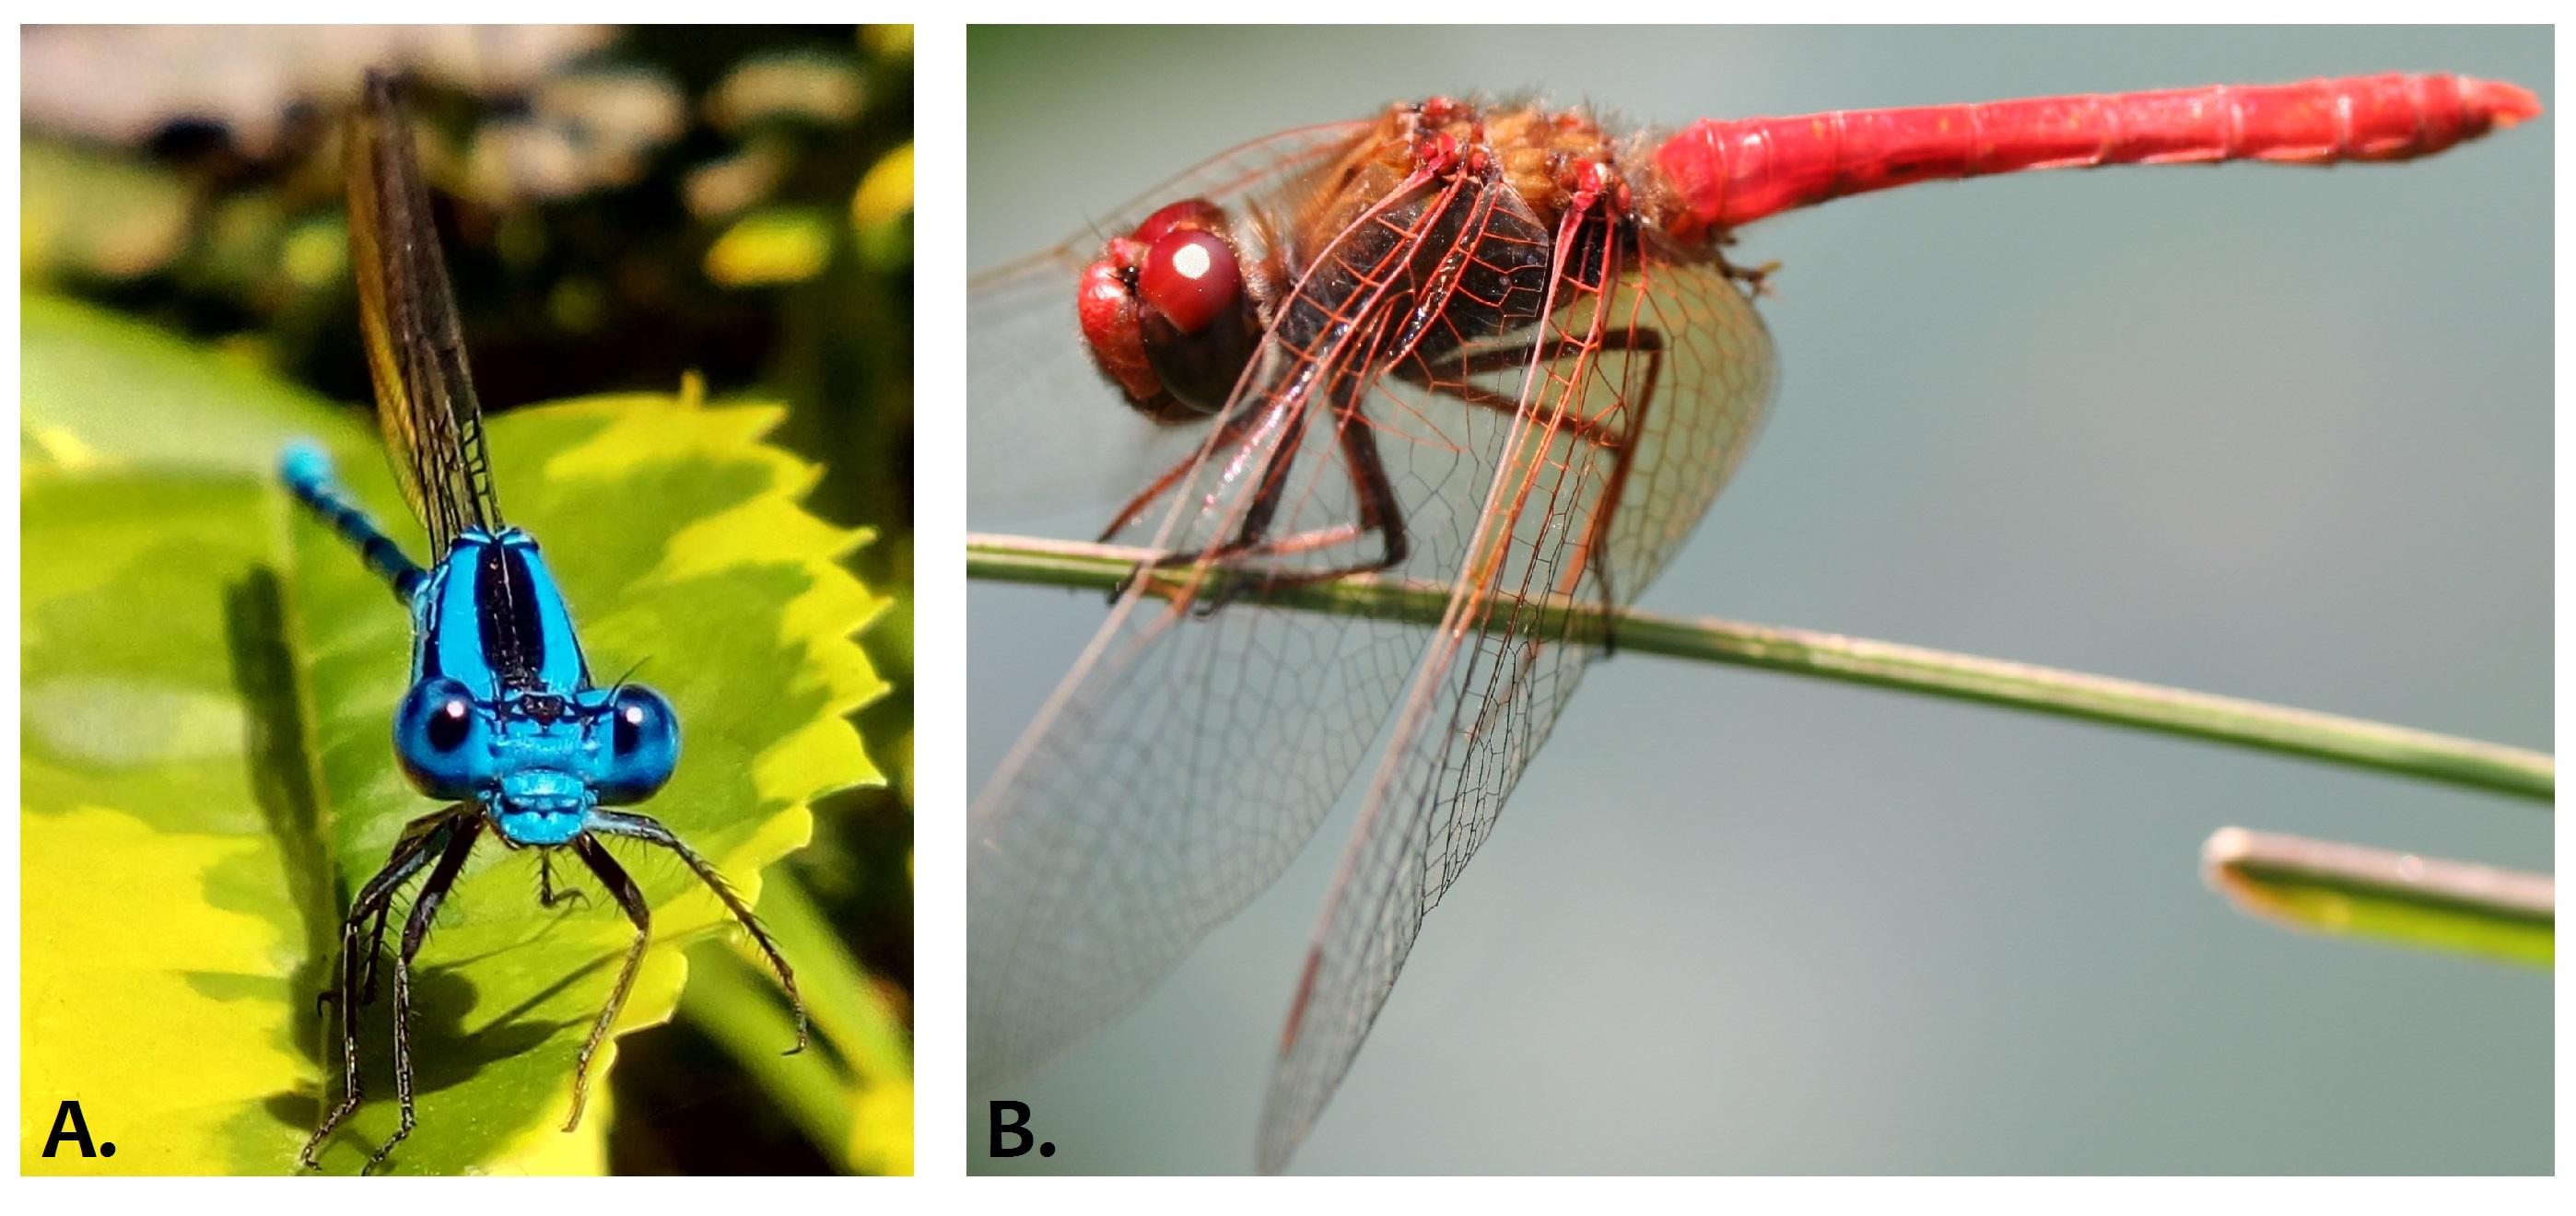 Figura 1. Representantes del orden Odonata. A. Caballito del diablo (suborden Zygoptera). B. Libélula (suborden Anisoptera). Fotos: Catalina Suárez Tovar.